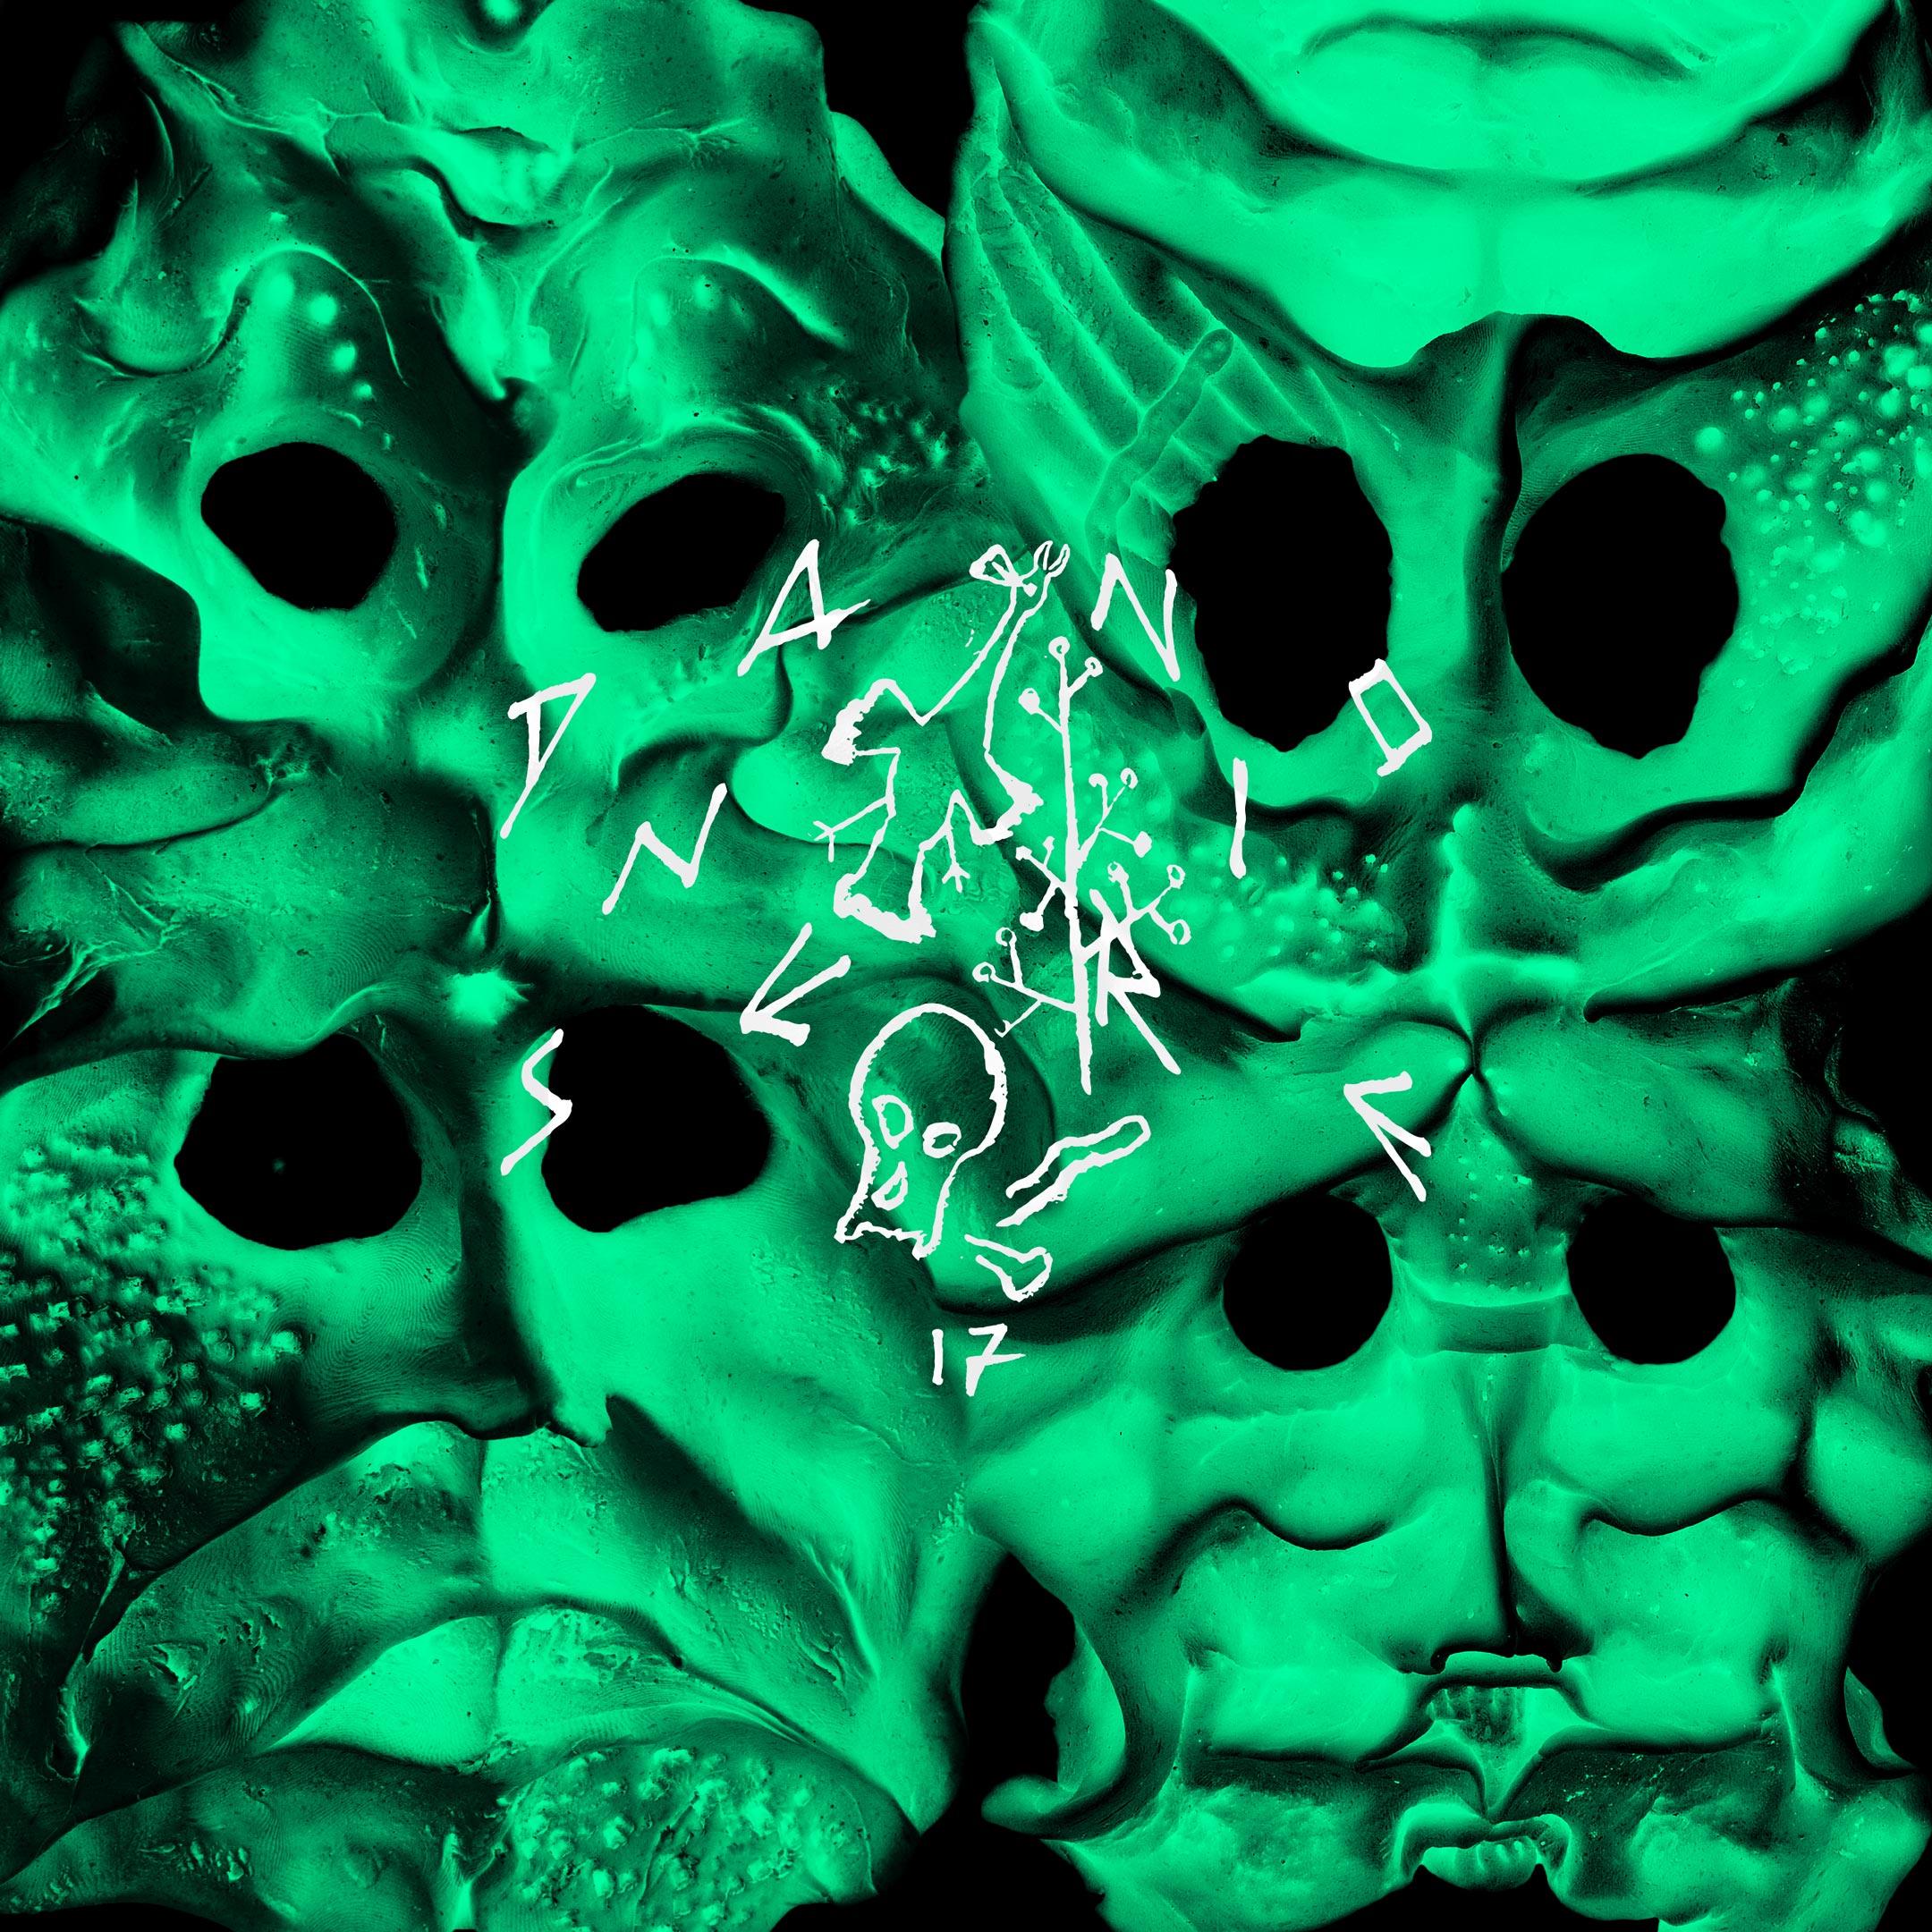 Couverture du EP Narcissi de Narcissi, Danse Noire, 2019